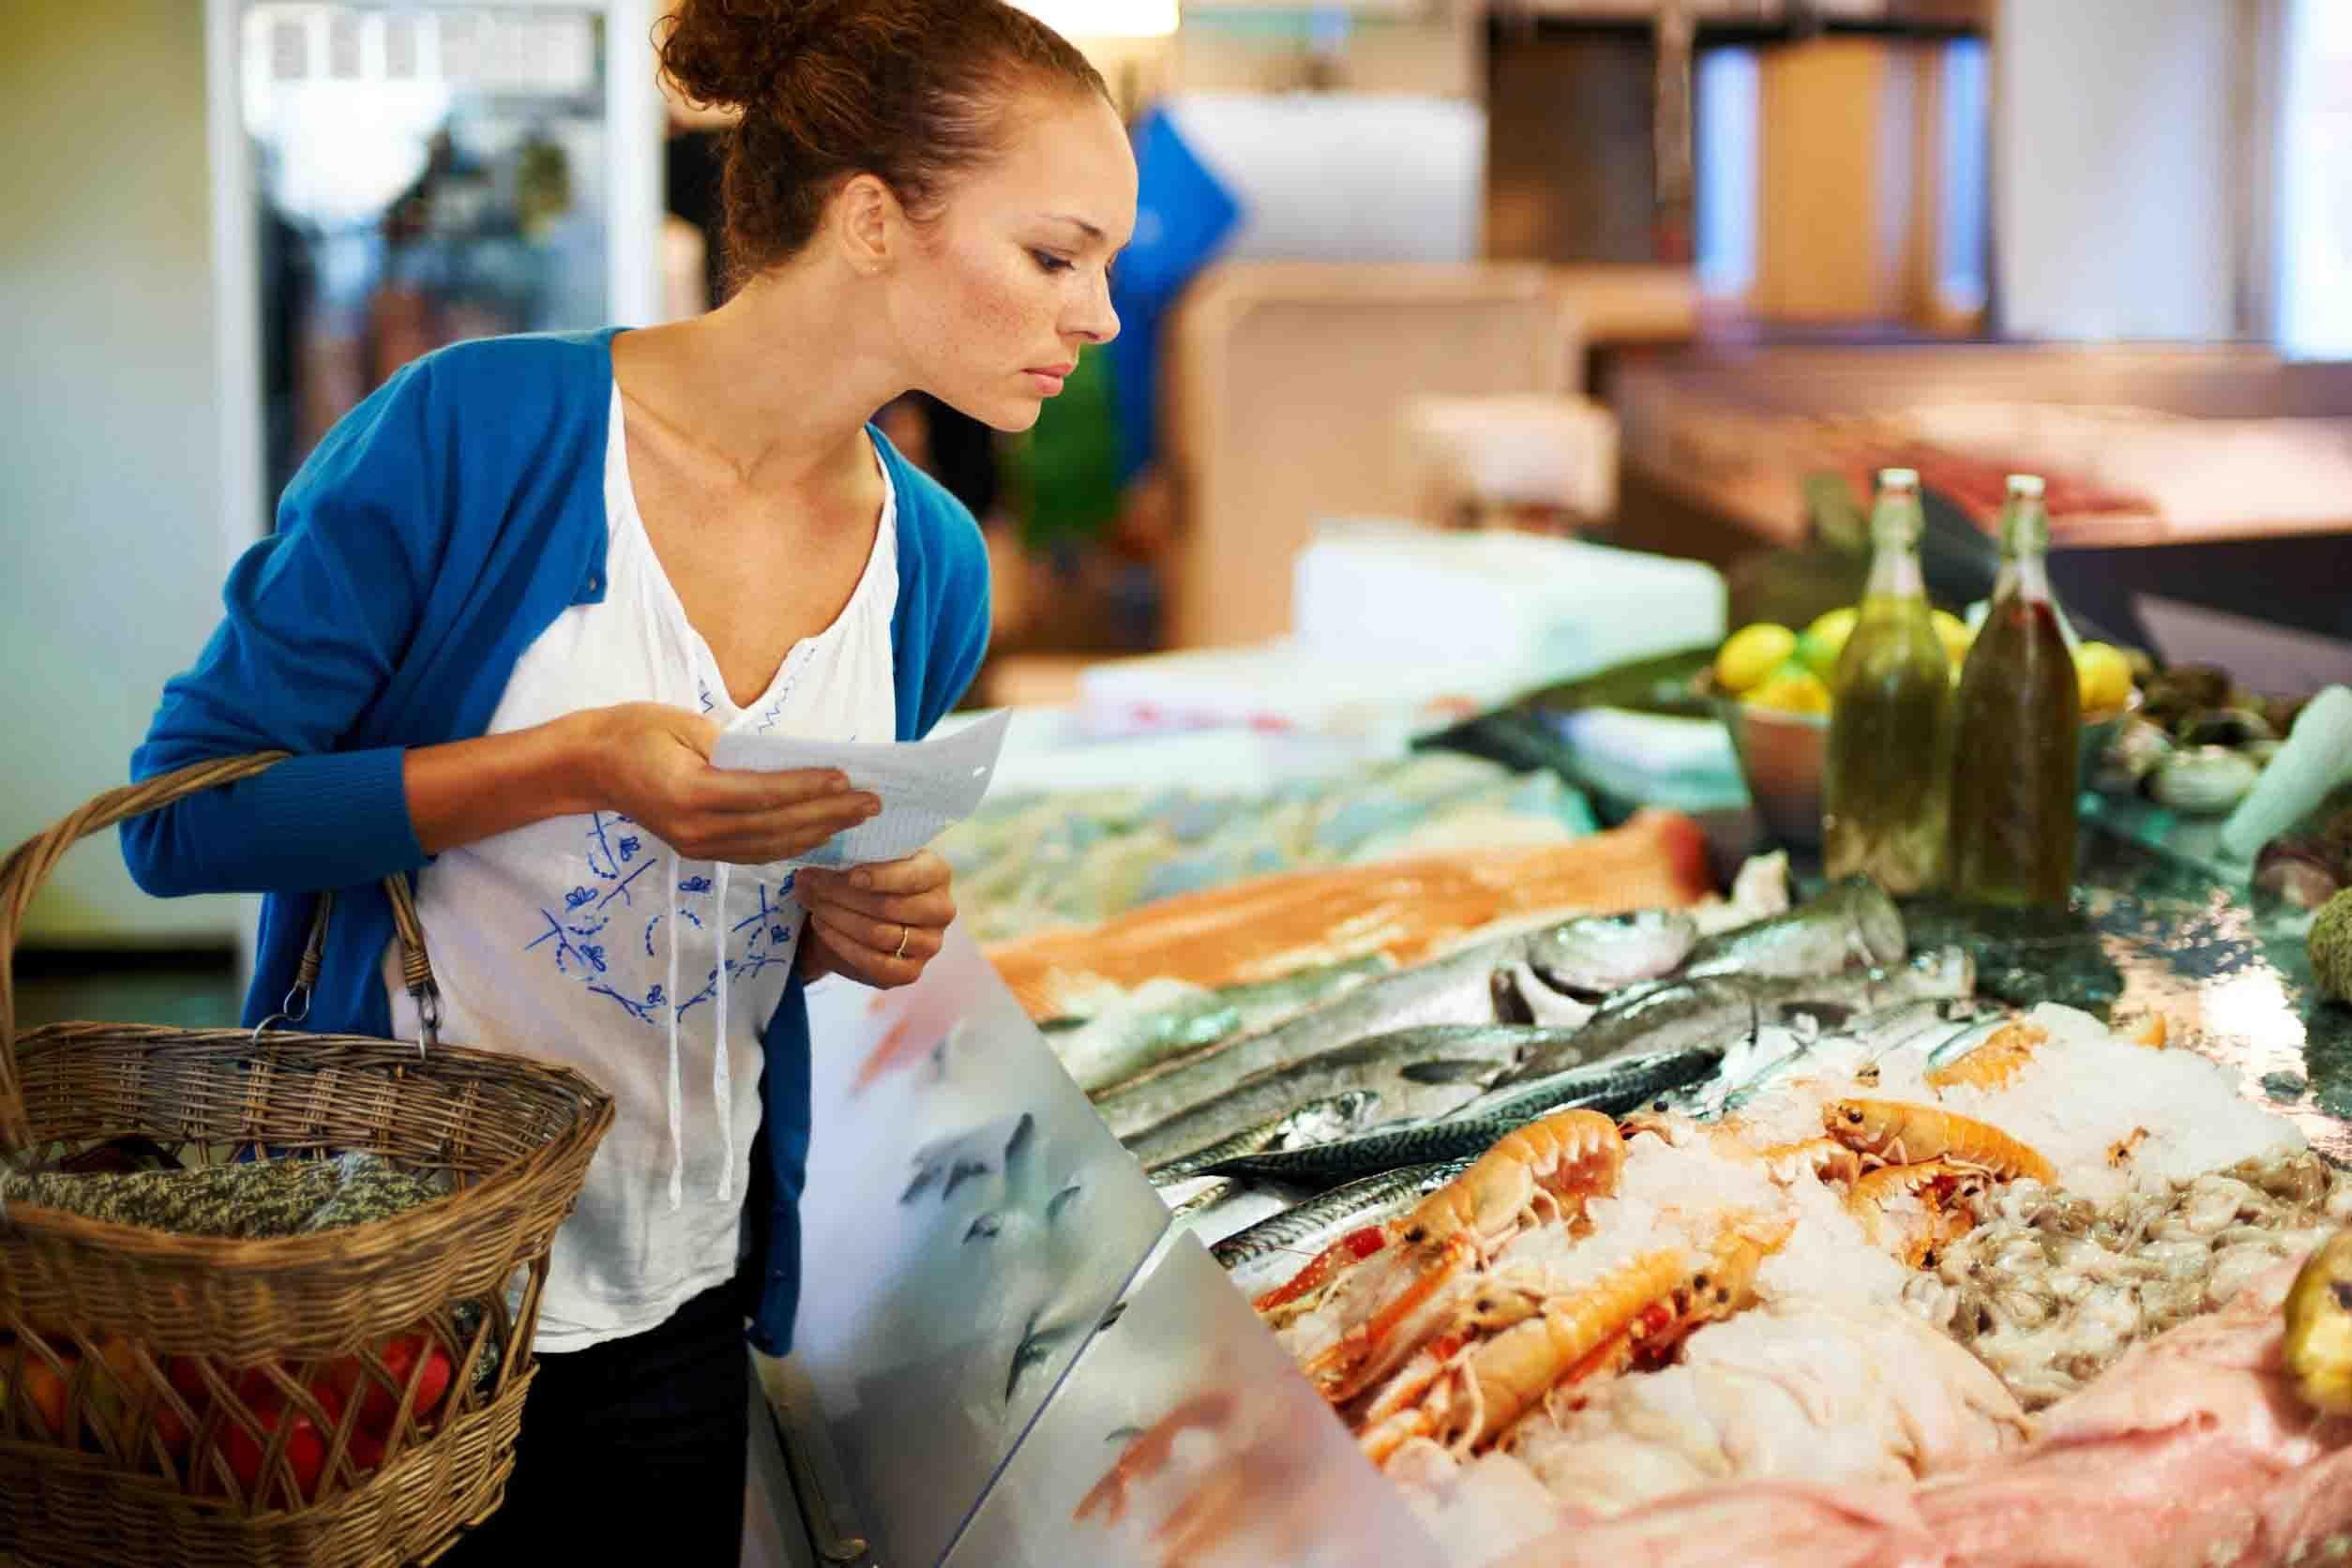 Woman Fish Shopping